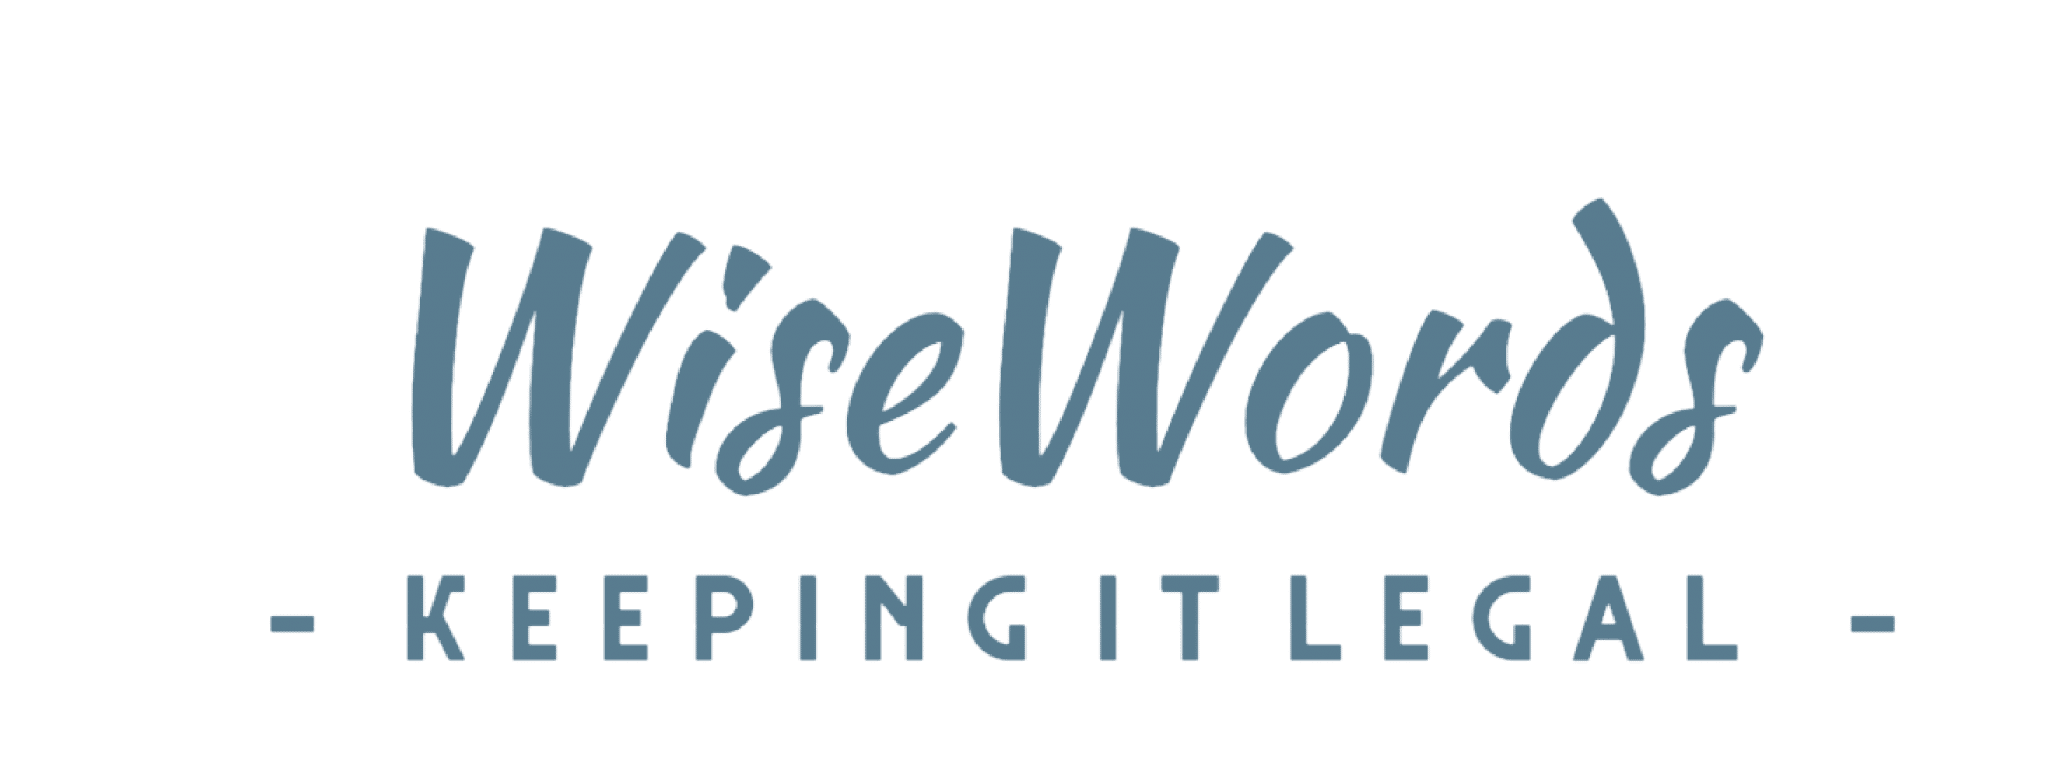 Interactive Union Avoidance Leadership Training